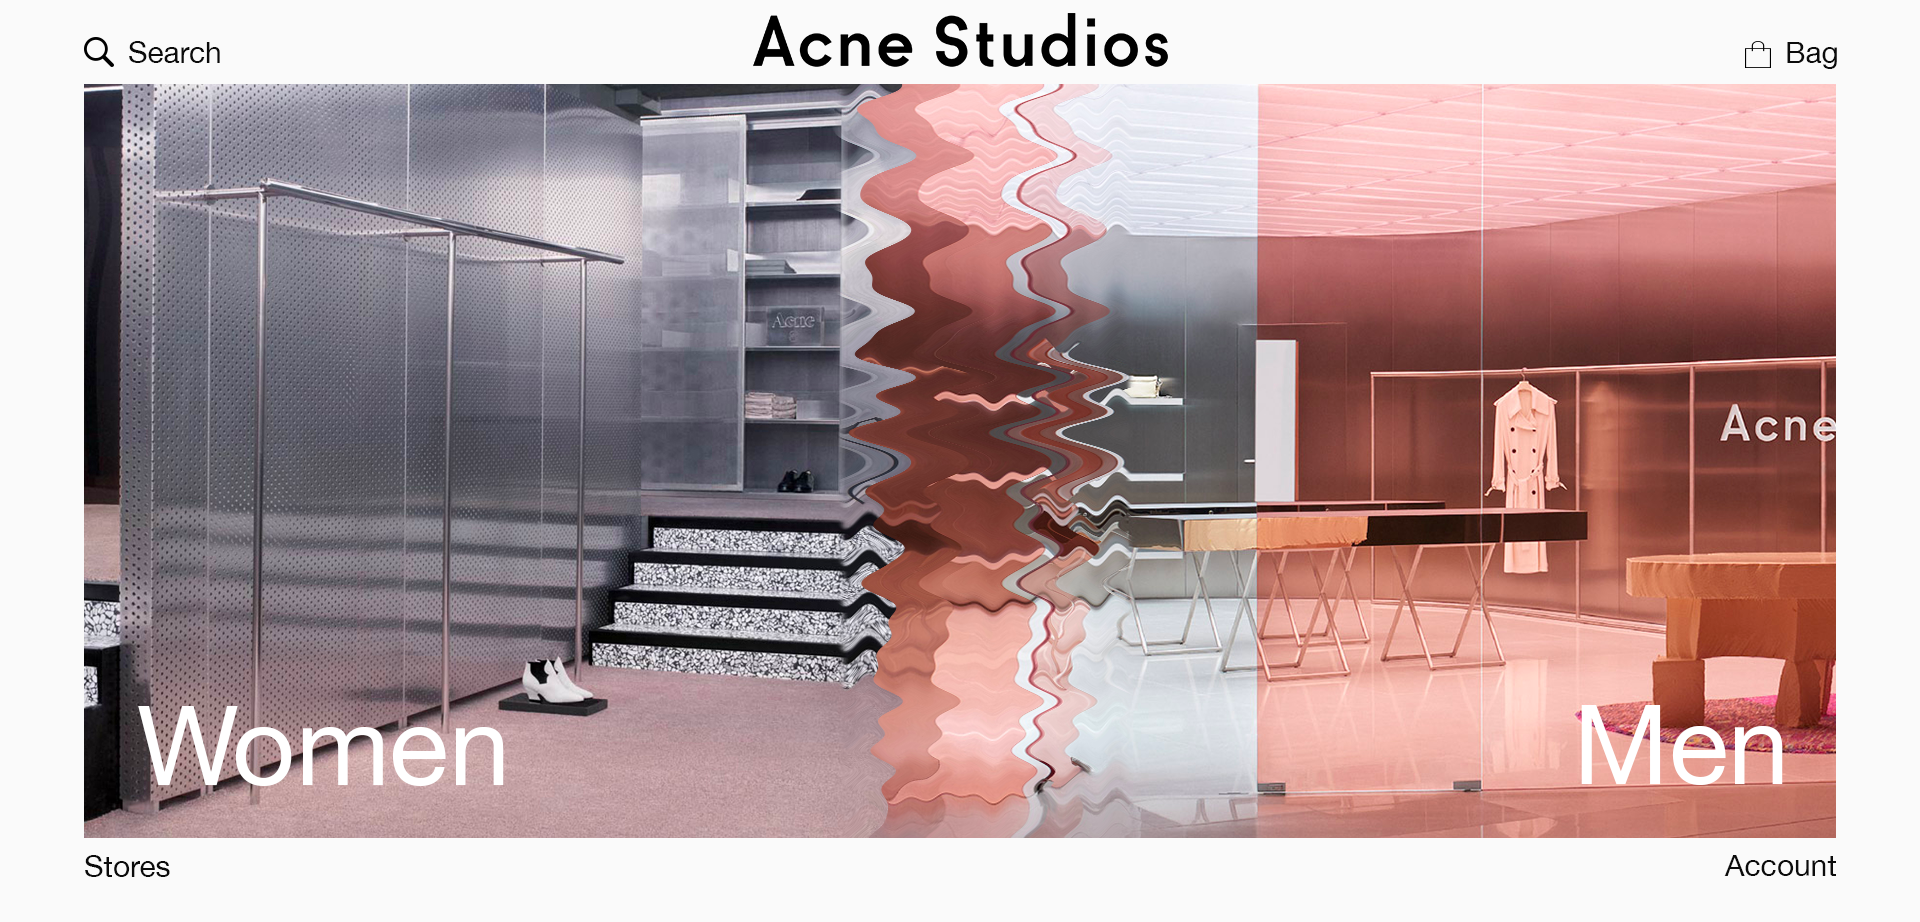 Acne Studio web design étudiant paris